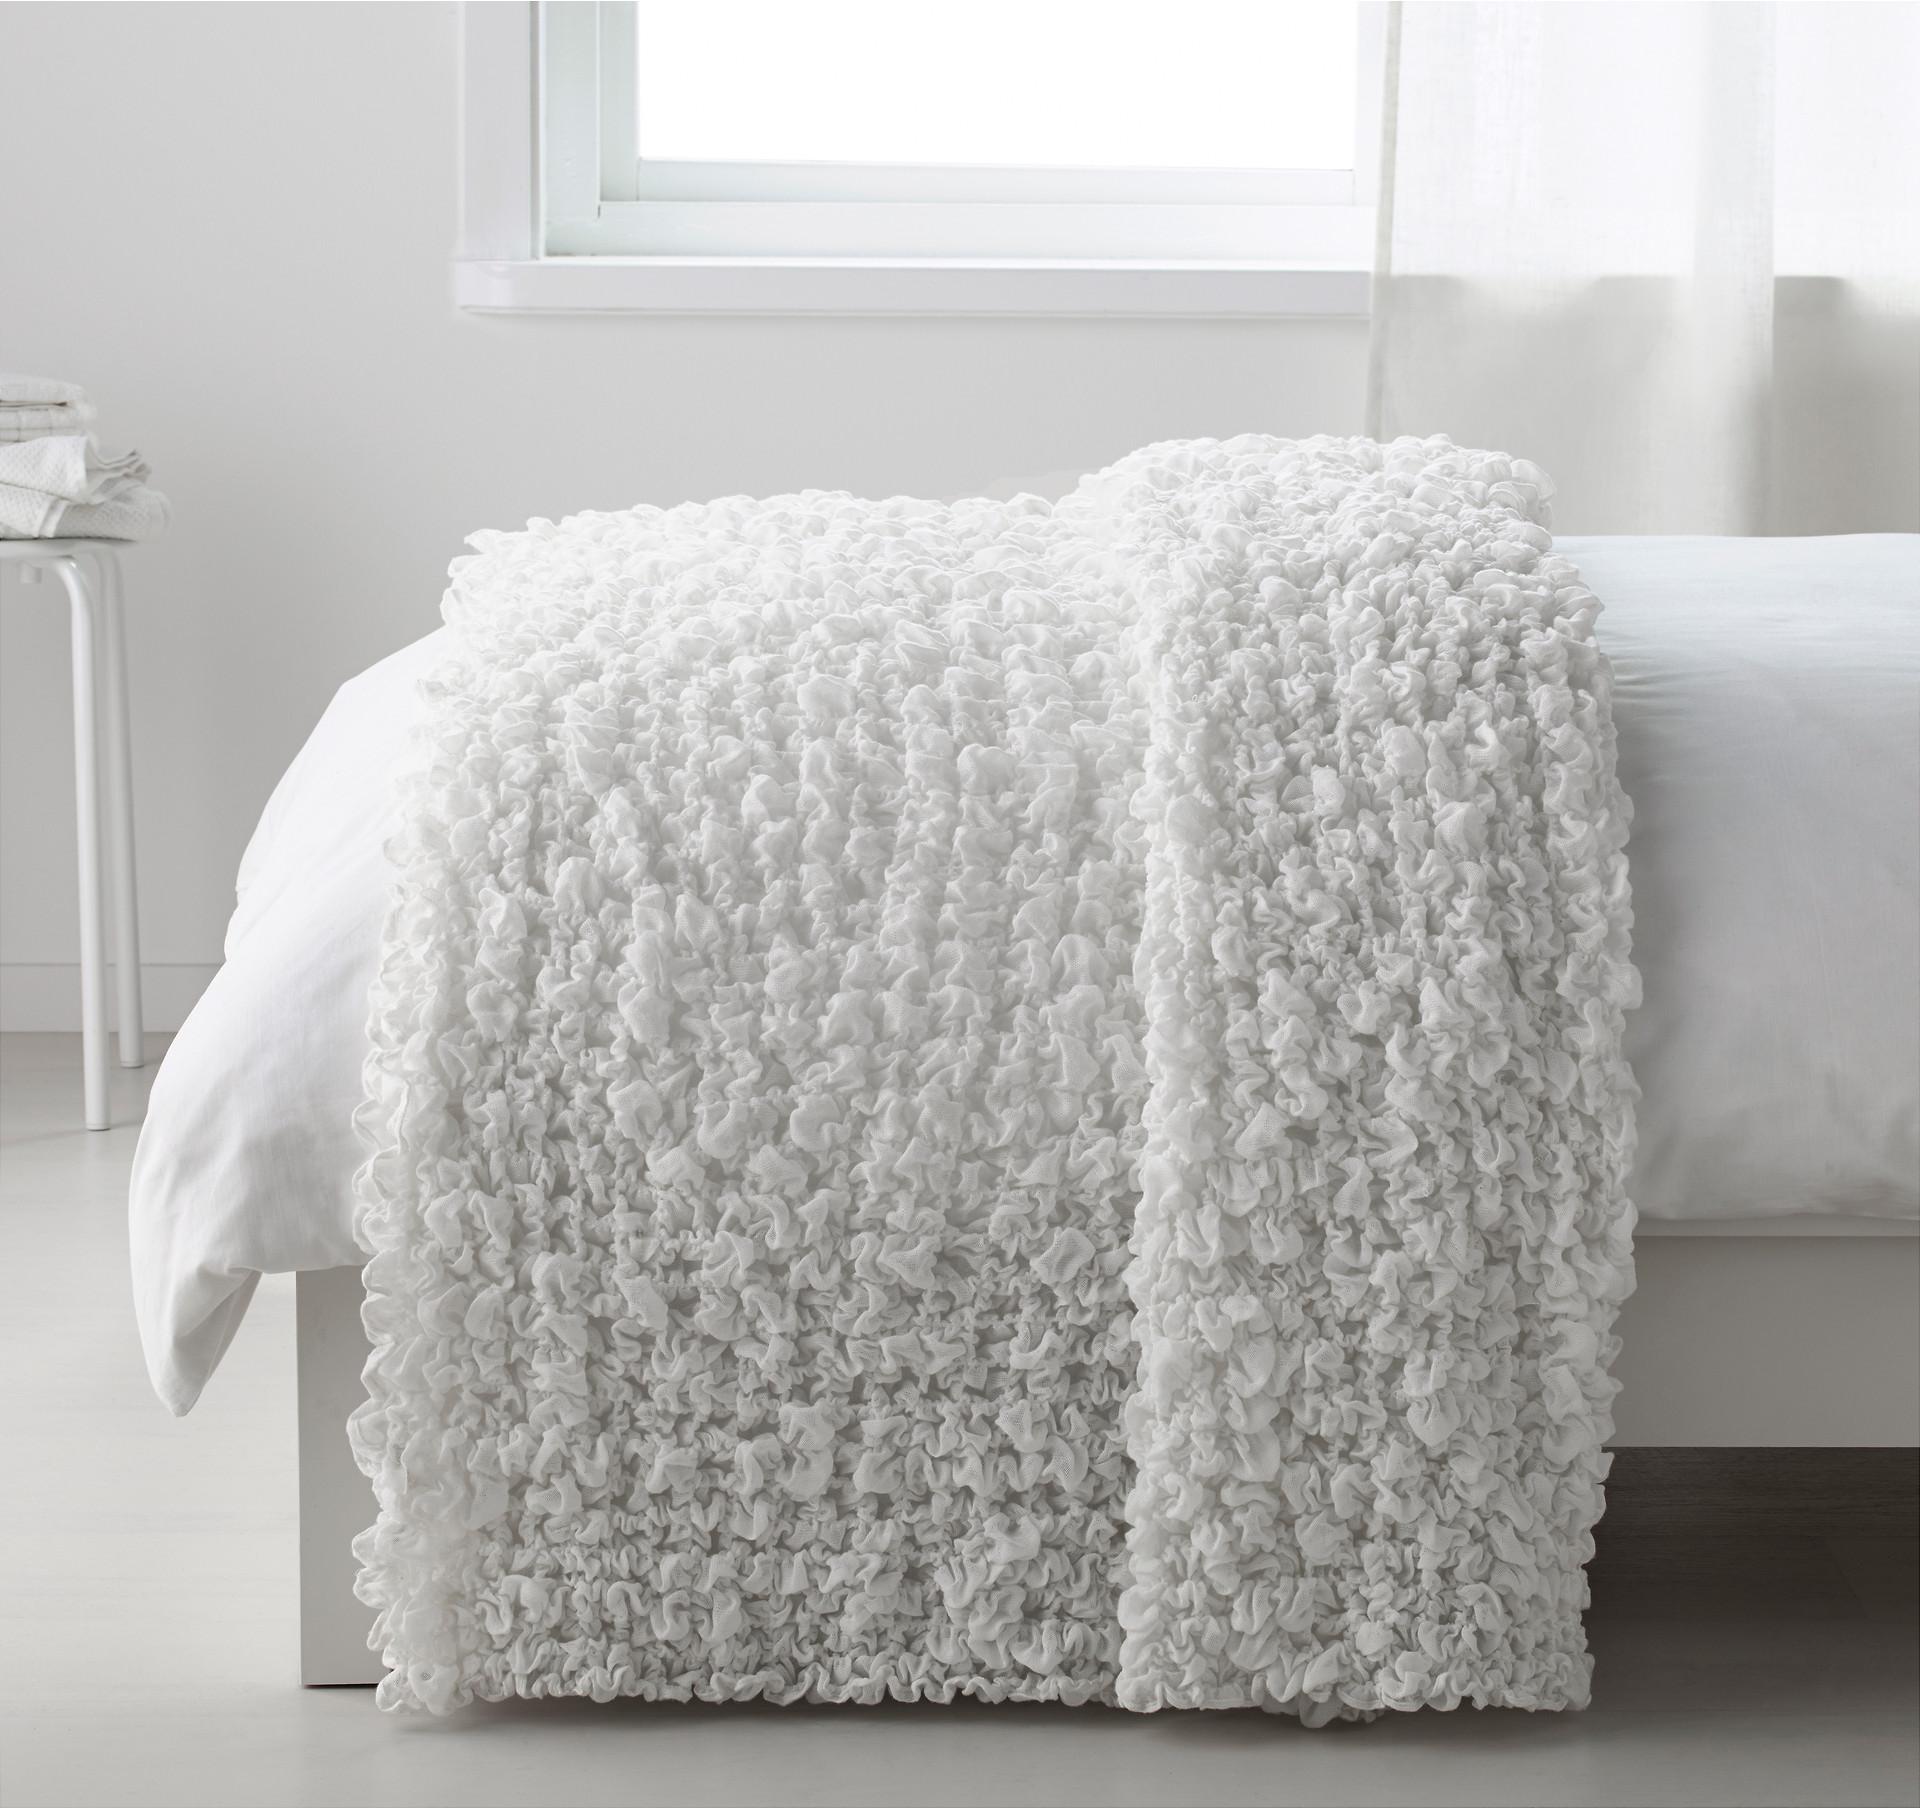 OFELIA Blanket - IKEA